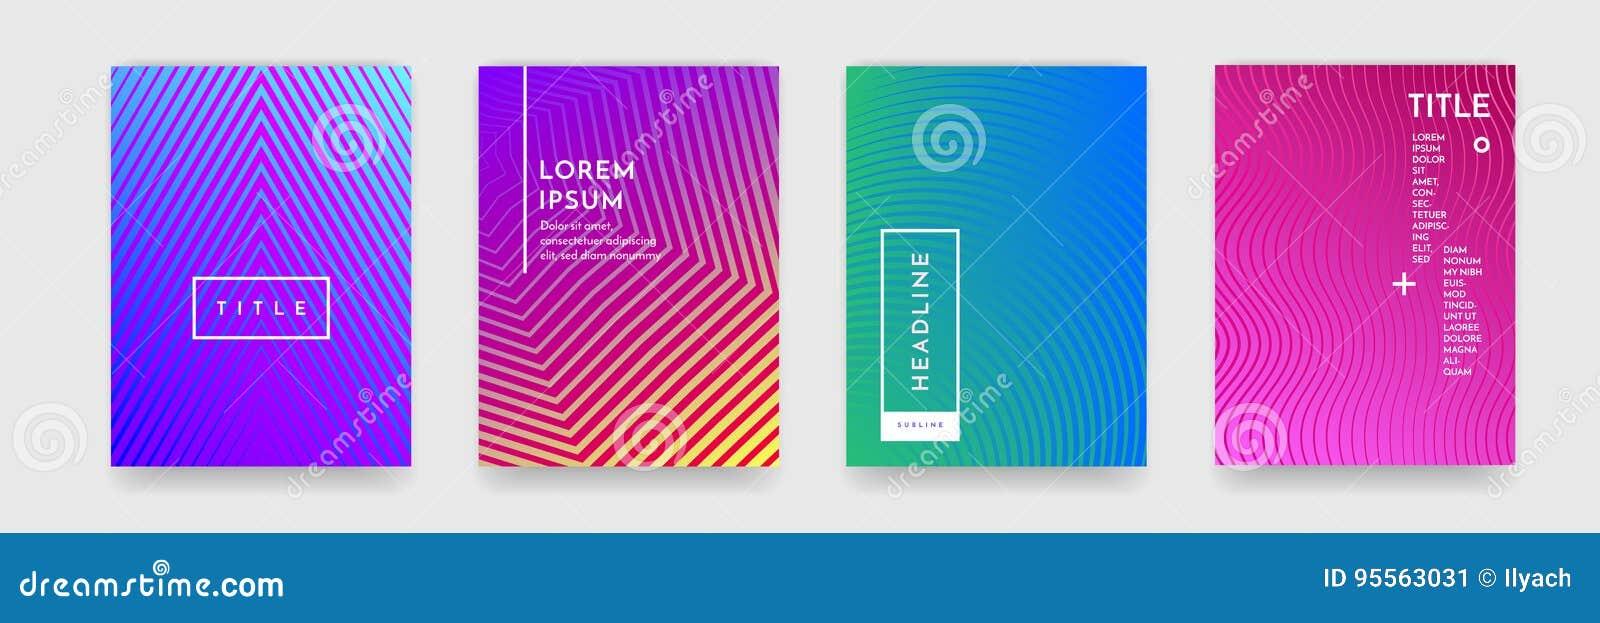 Абстрактная текстура картины цвета градиента для комплекта вектора шаблона обложки книги